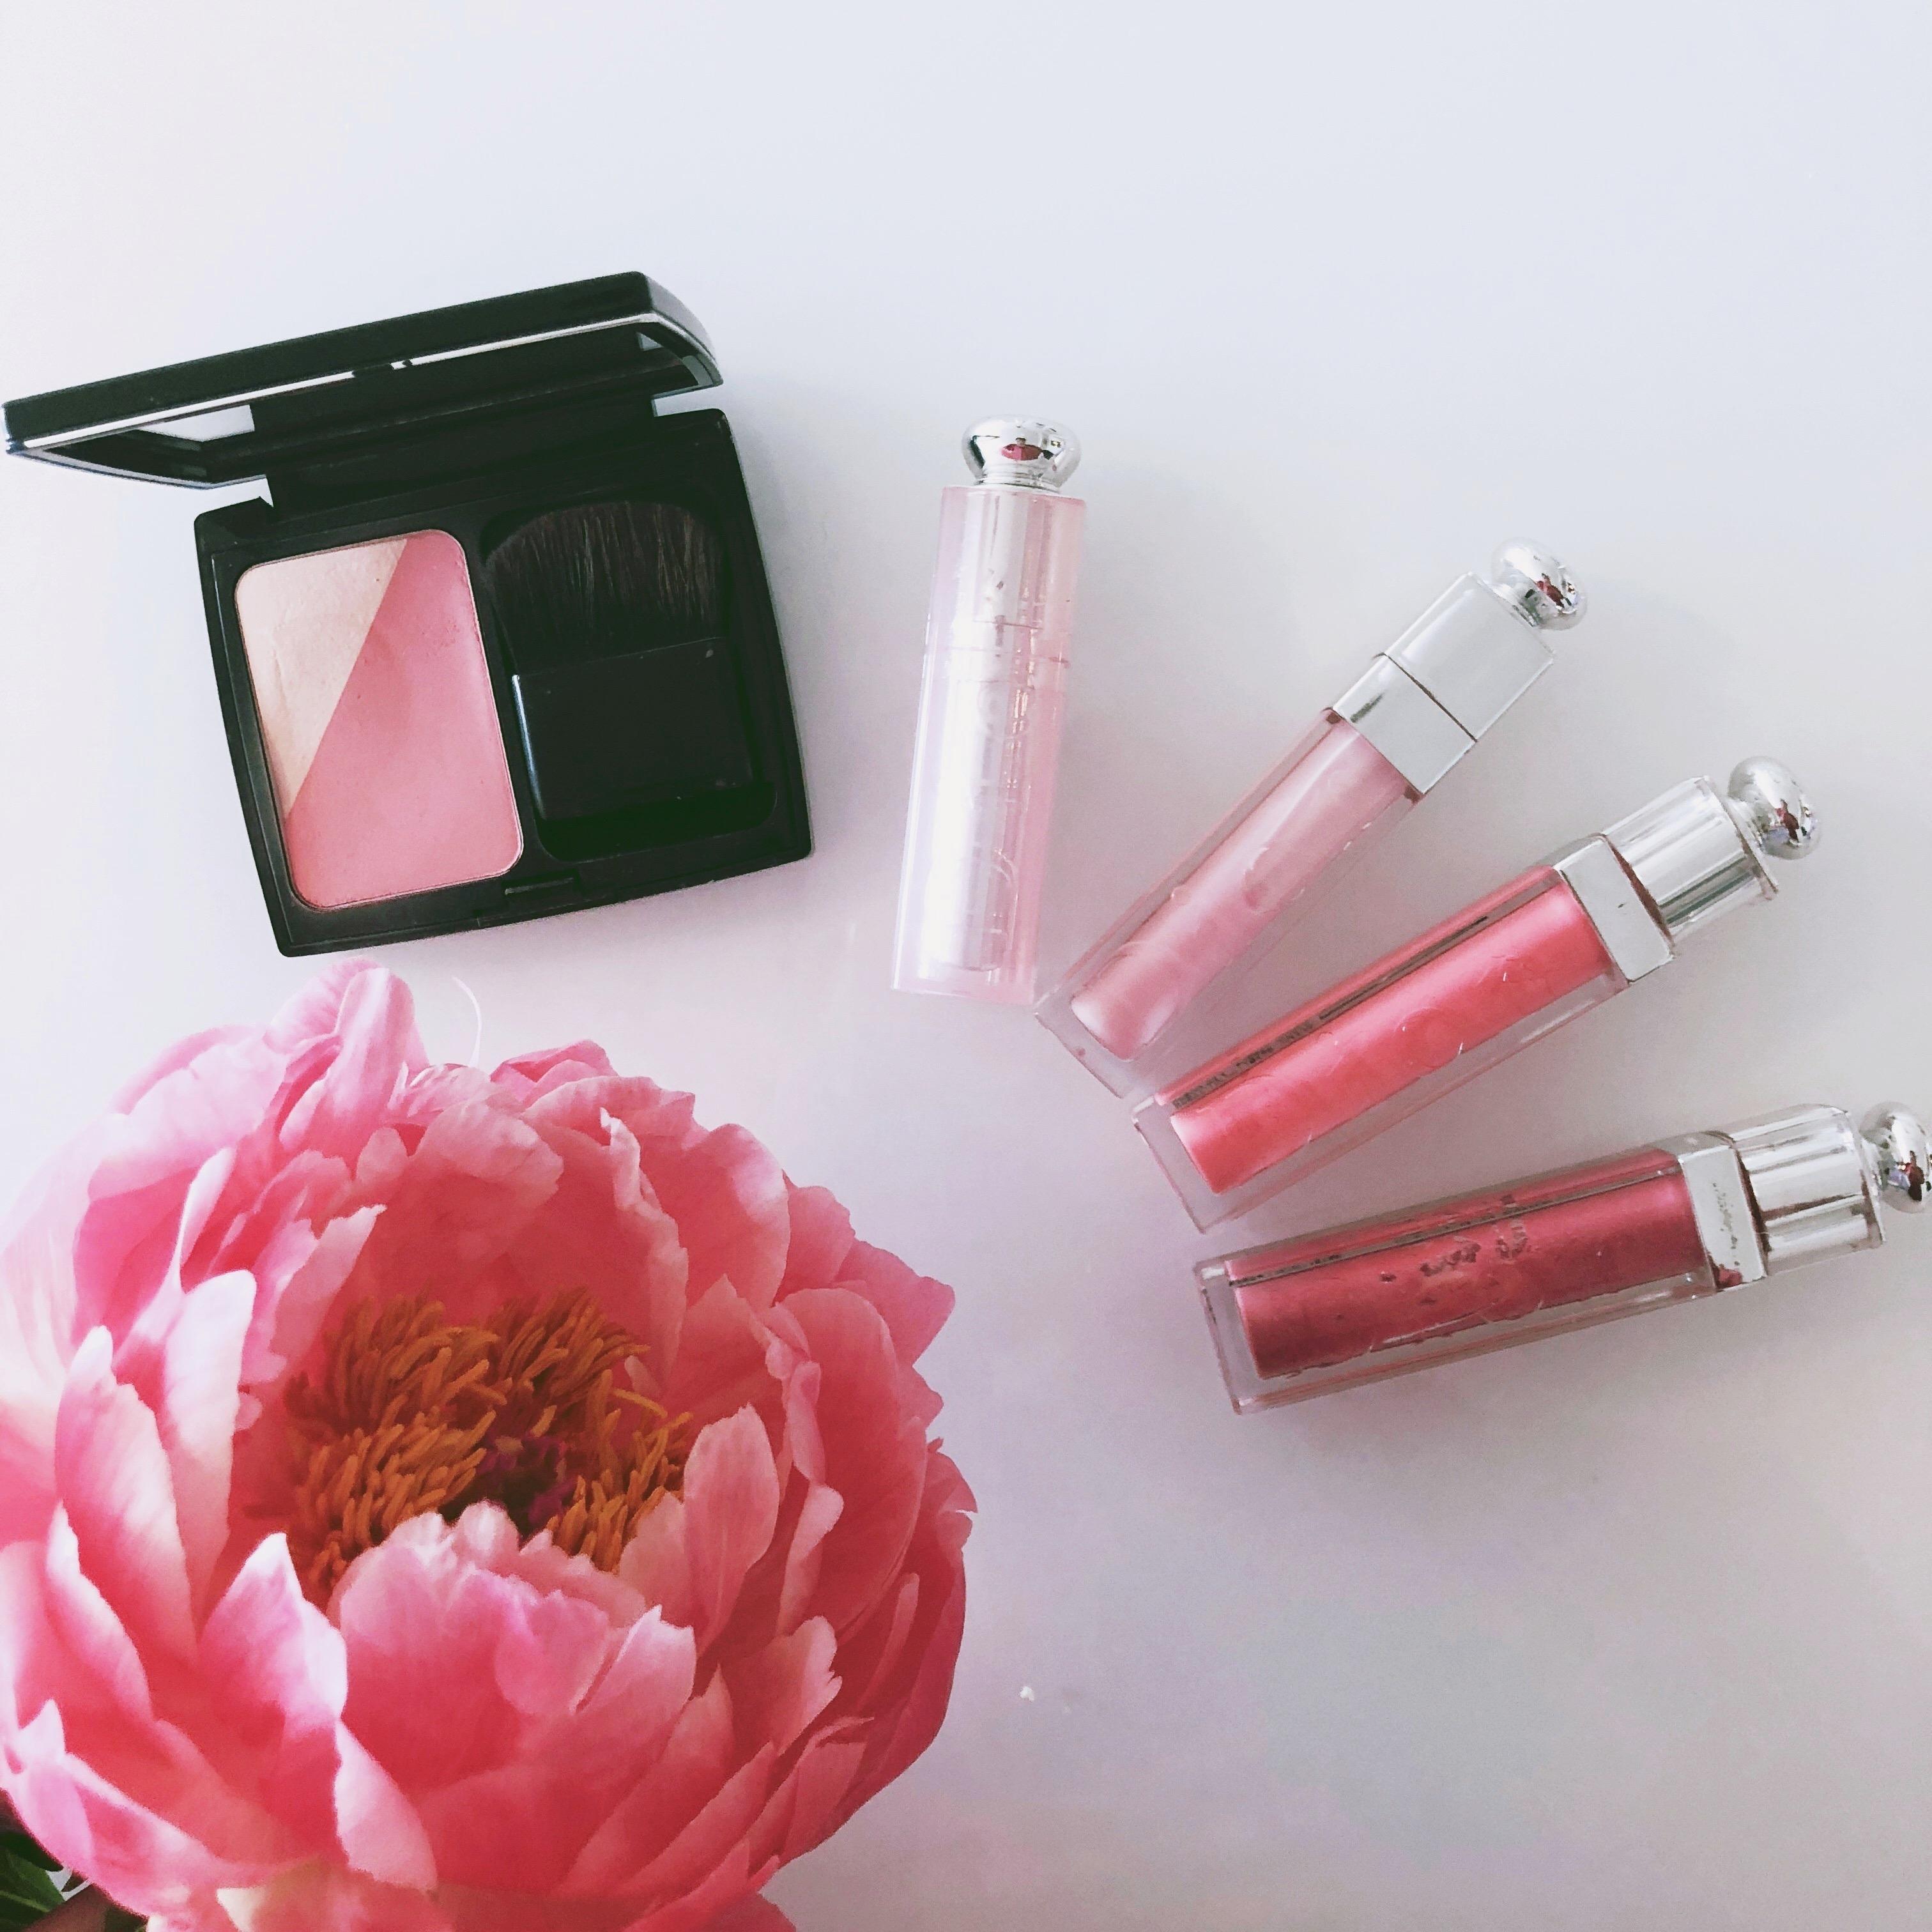 <Dior>ピンクがかわいい♡Diorのチークとリップレビュー